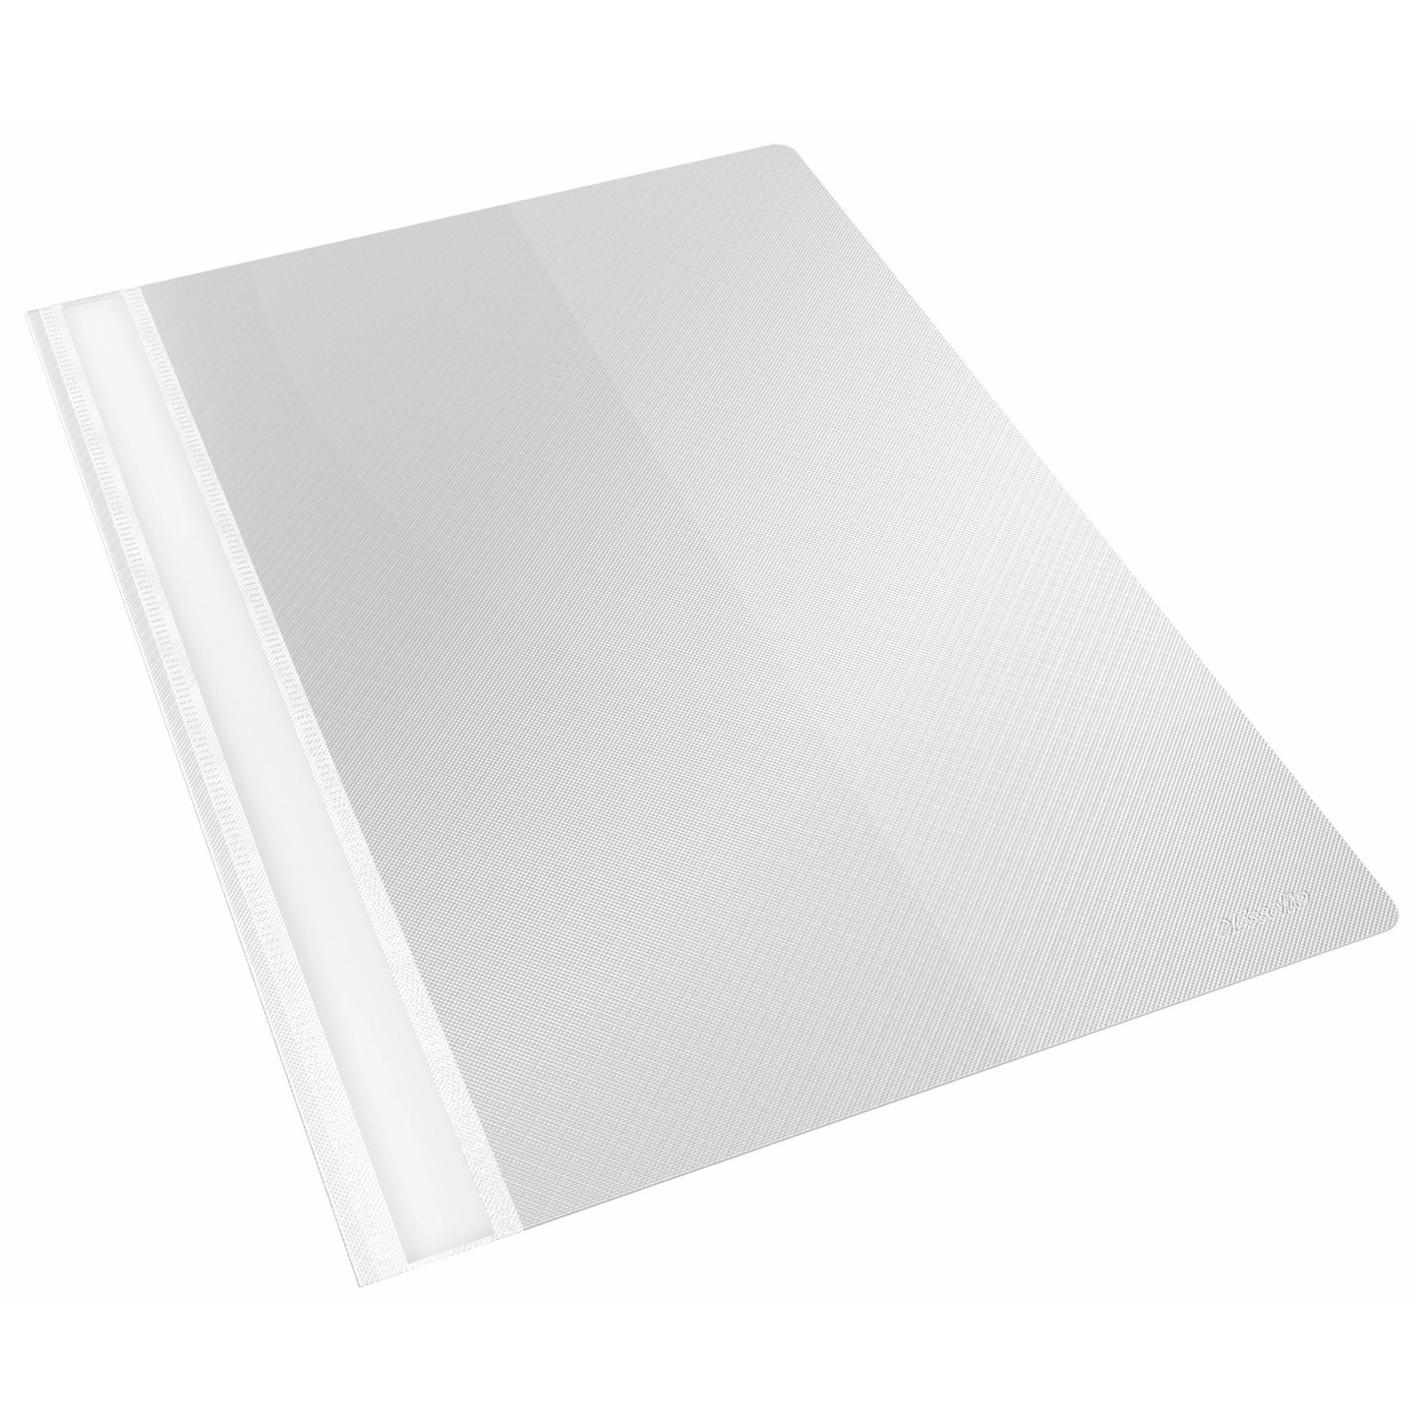 Tilbudsmappe Esselte A4 med indvendig lomme - Hvid 28345